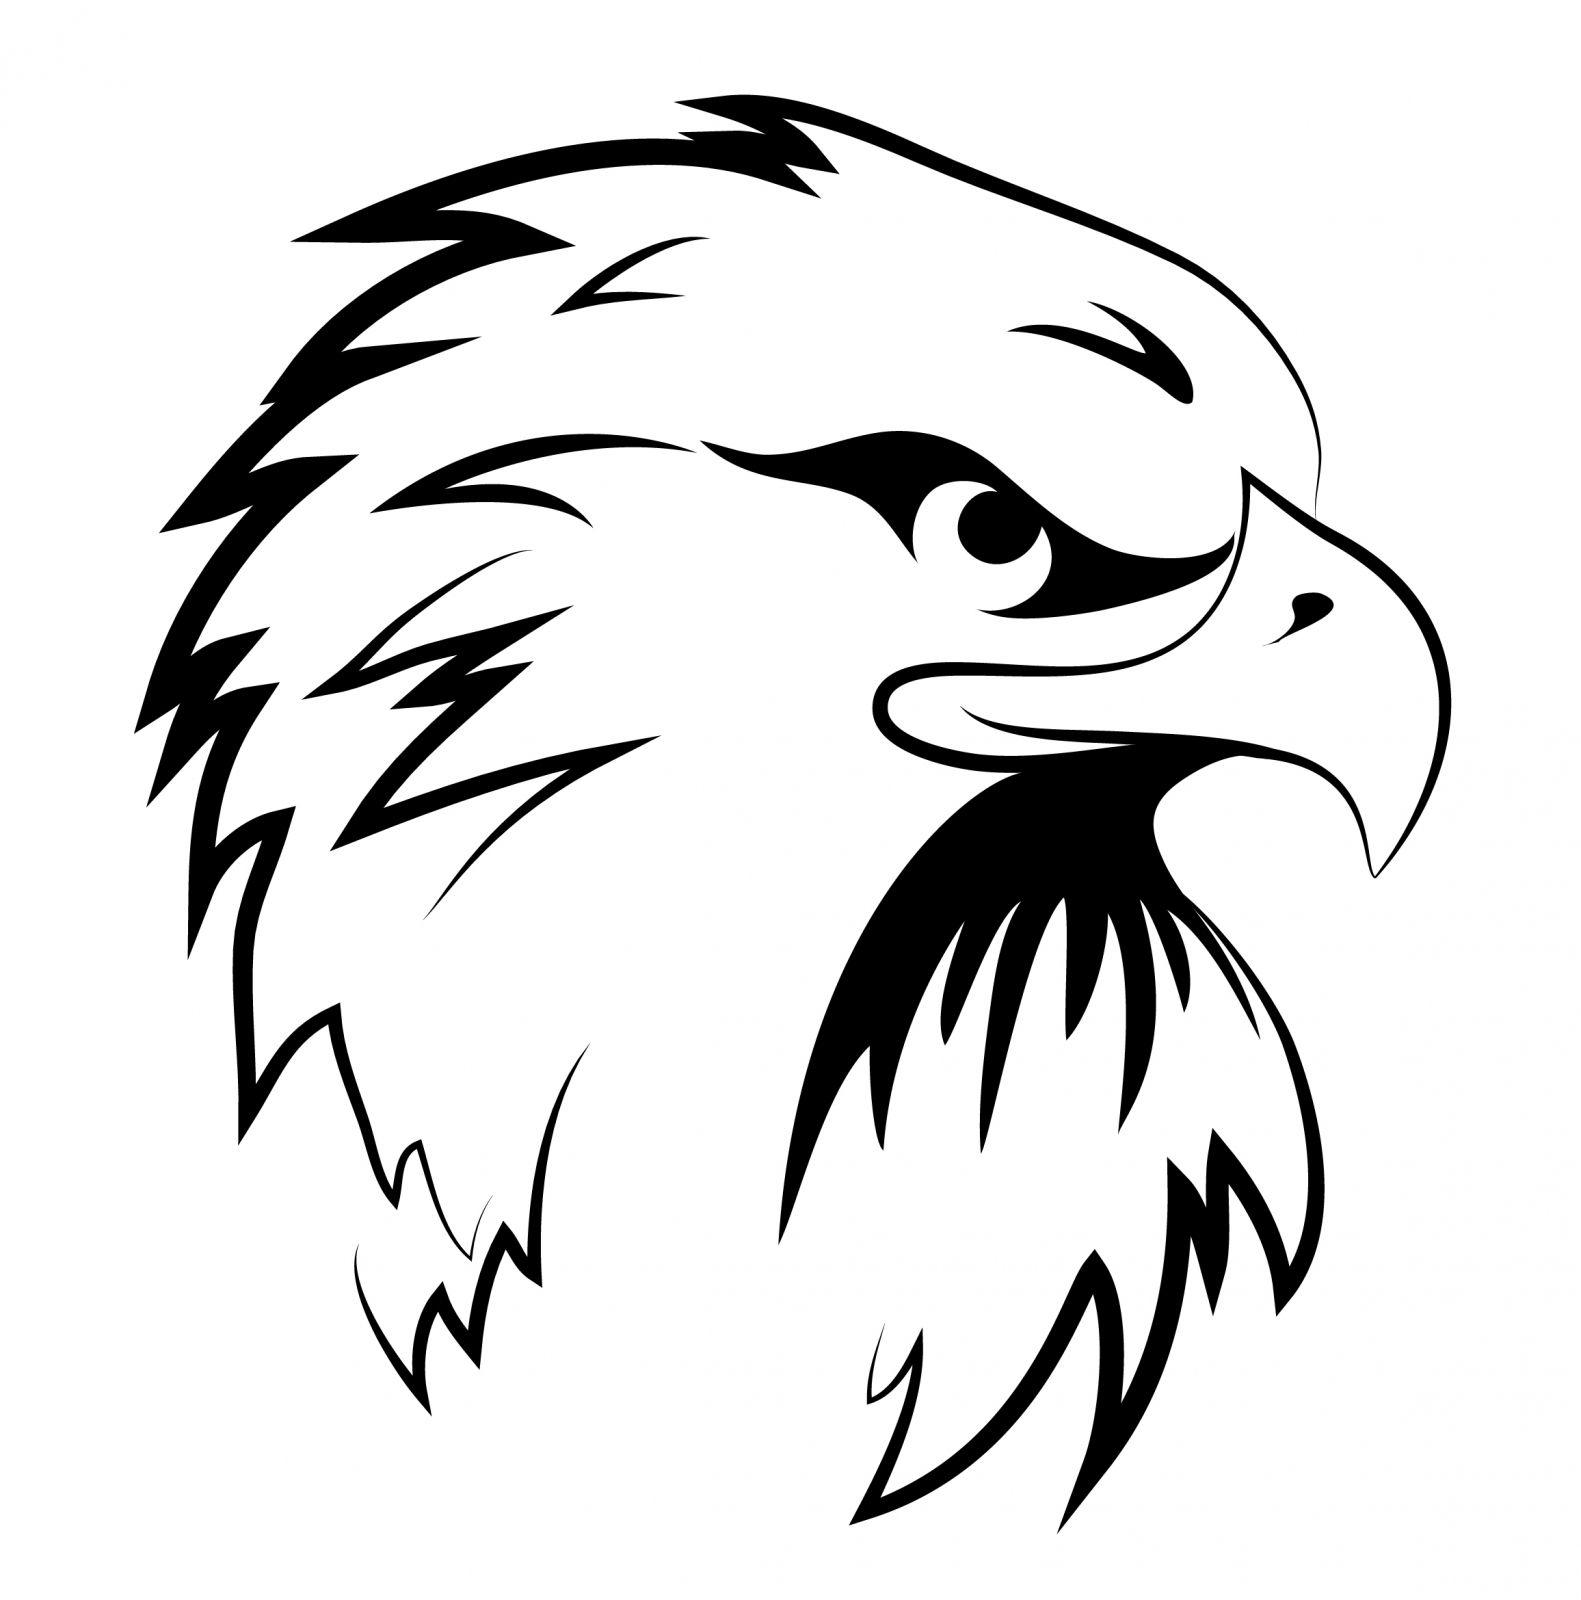 Free Eagle Clipart